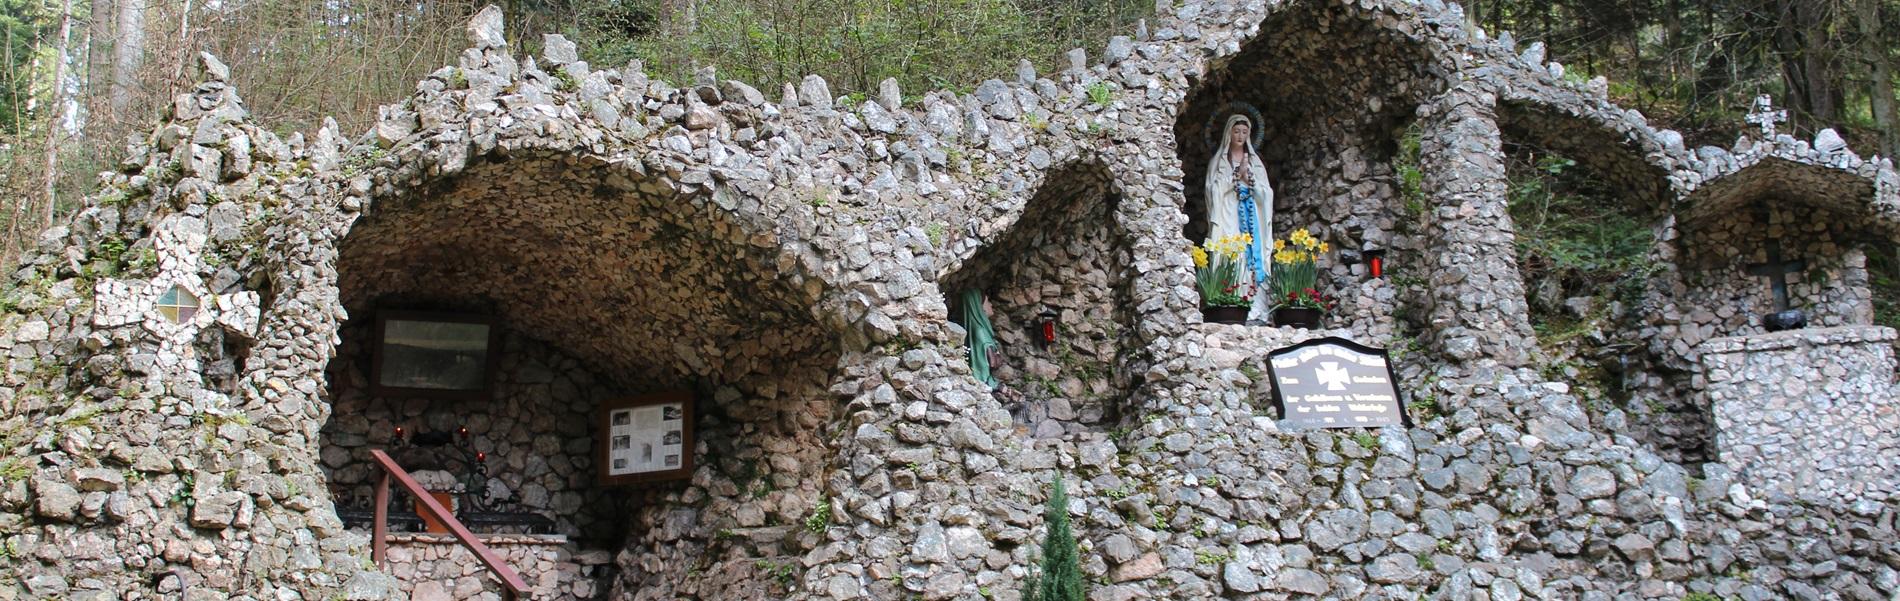 Lourdes Grotte Ferienwohnung Stinneshof